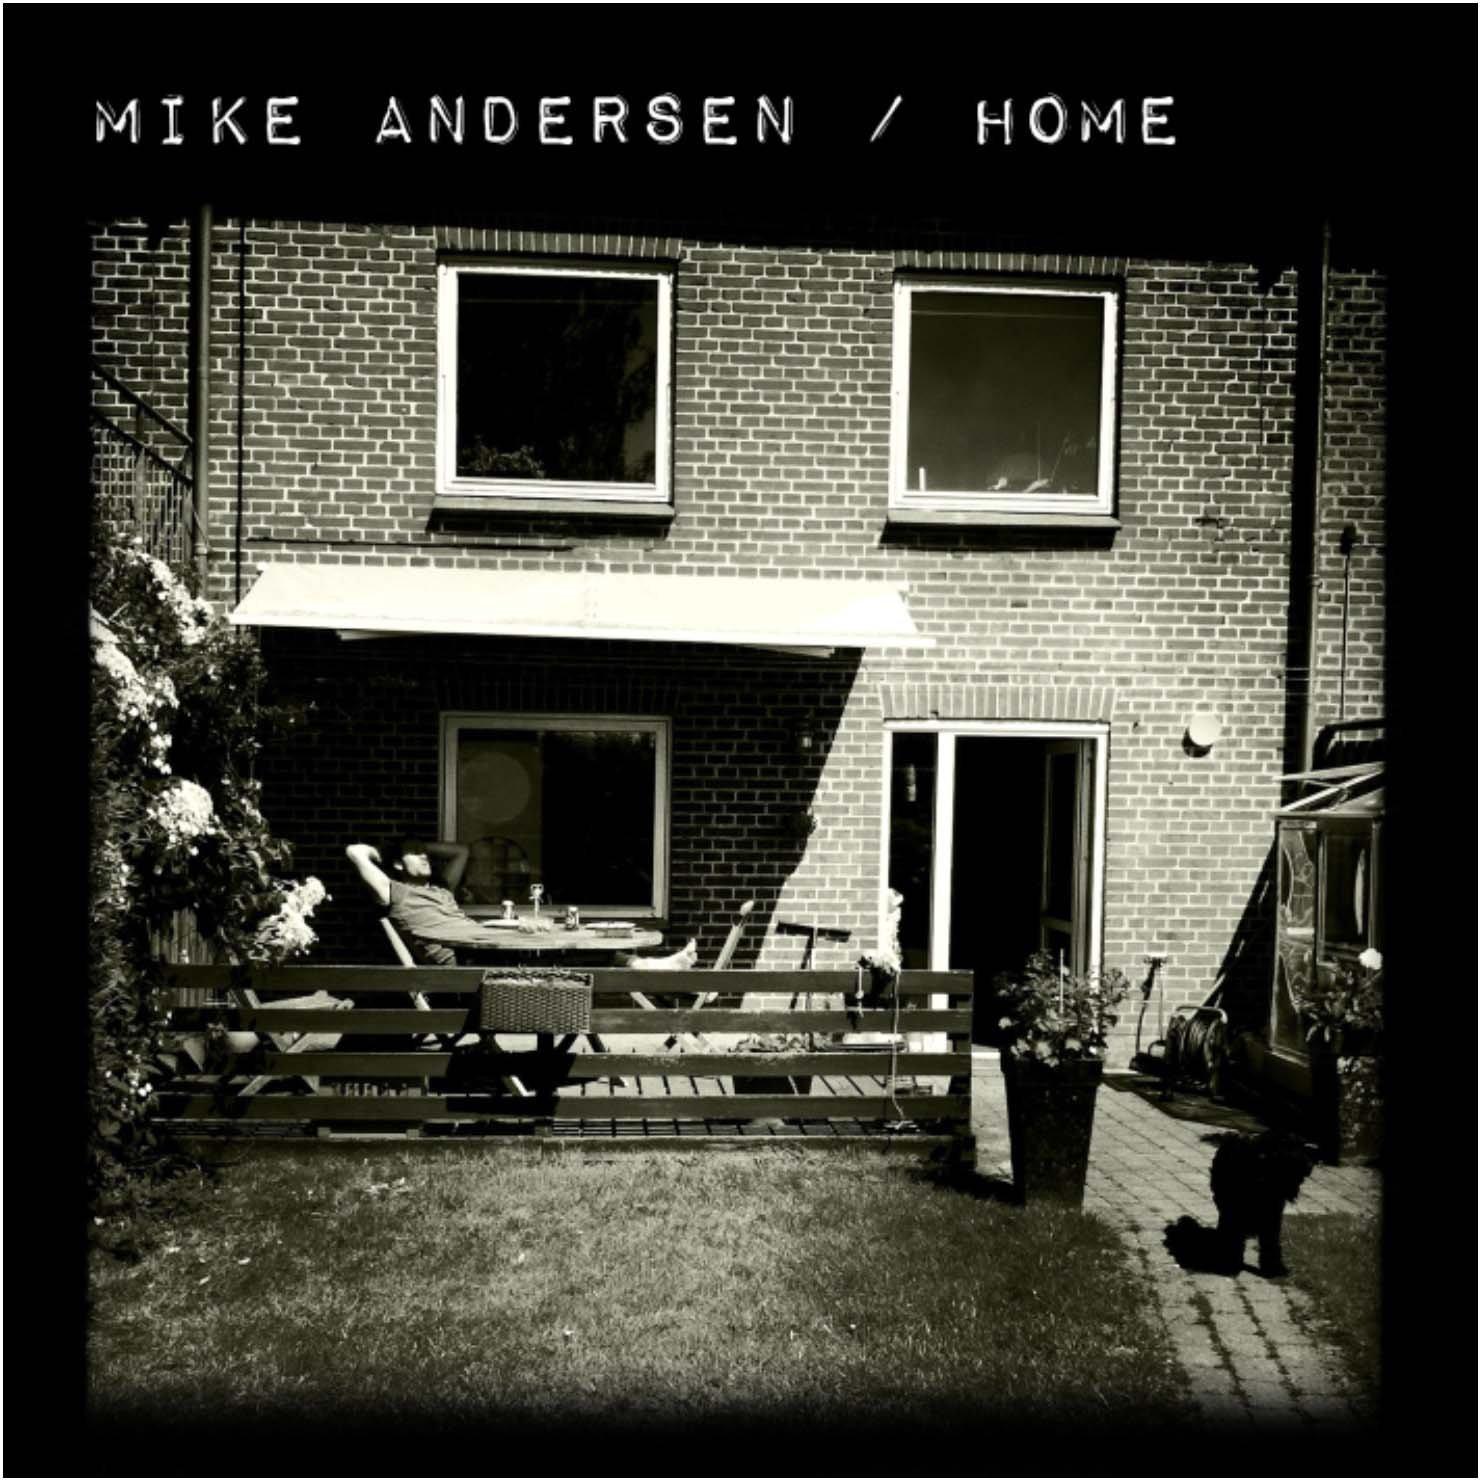 MIKE ANDERSEN – Water myplants